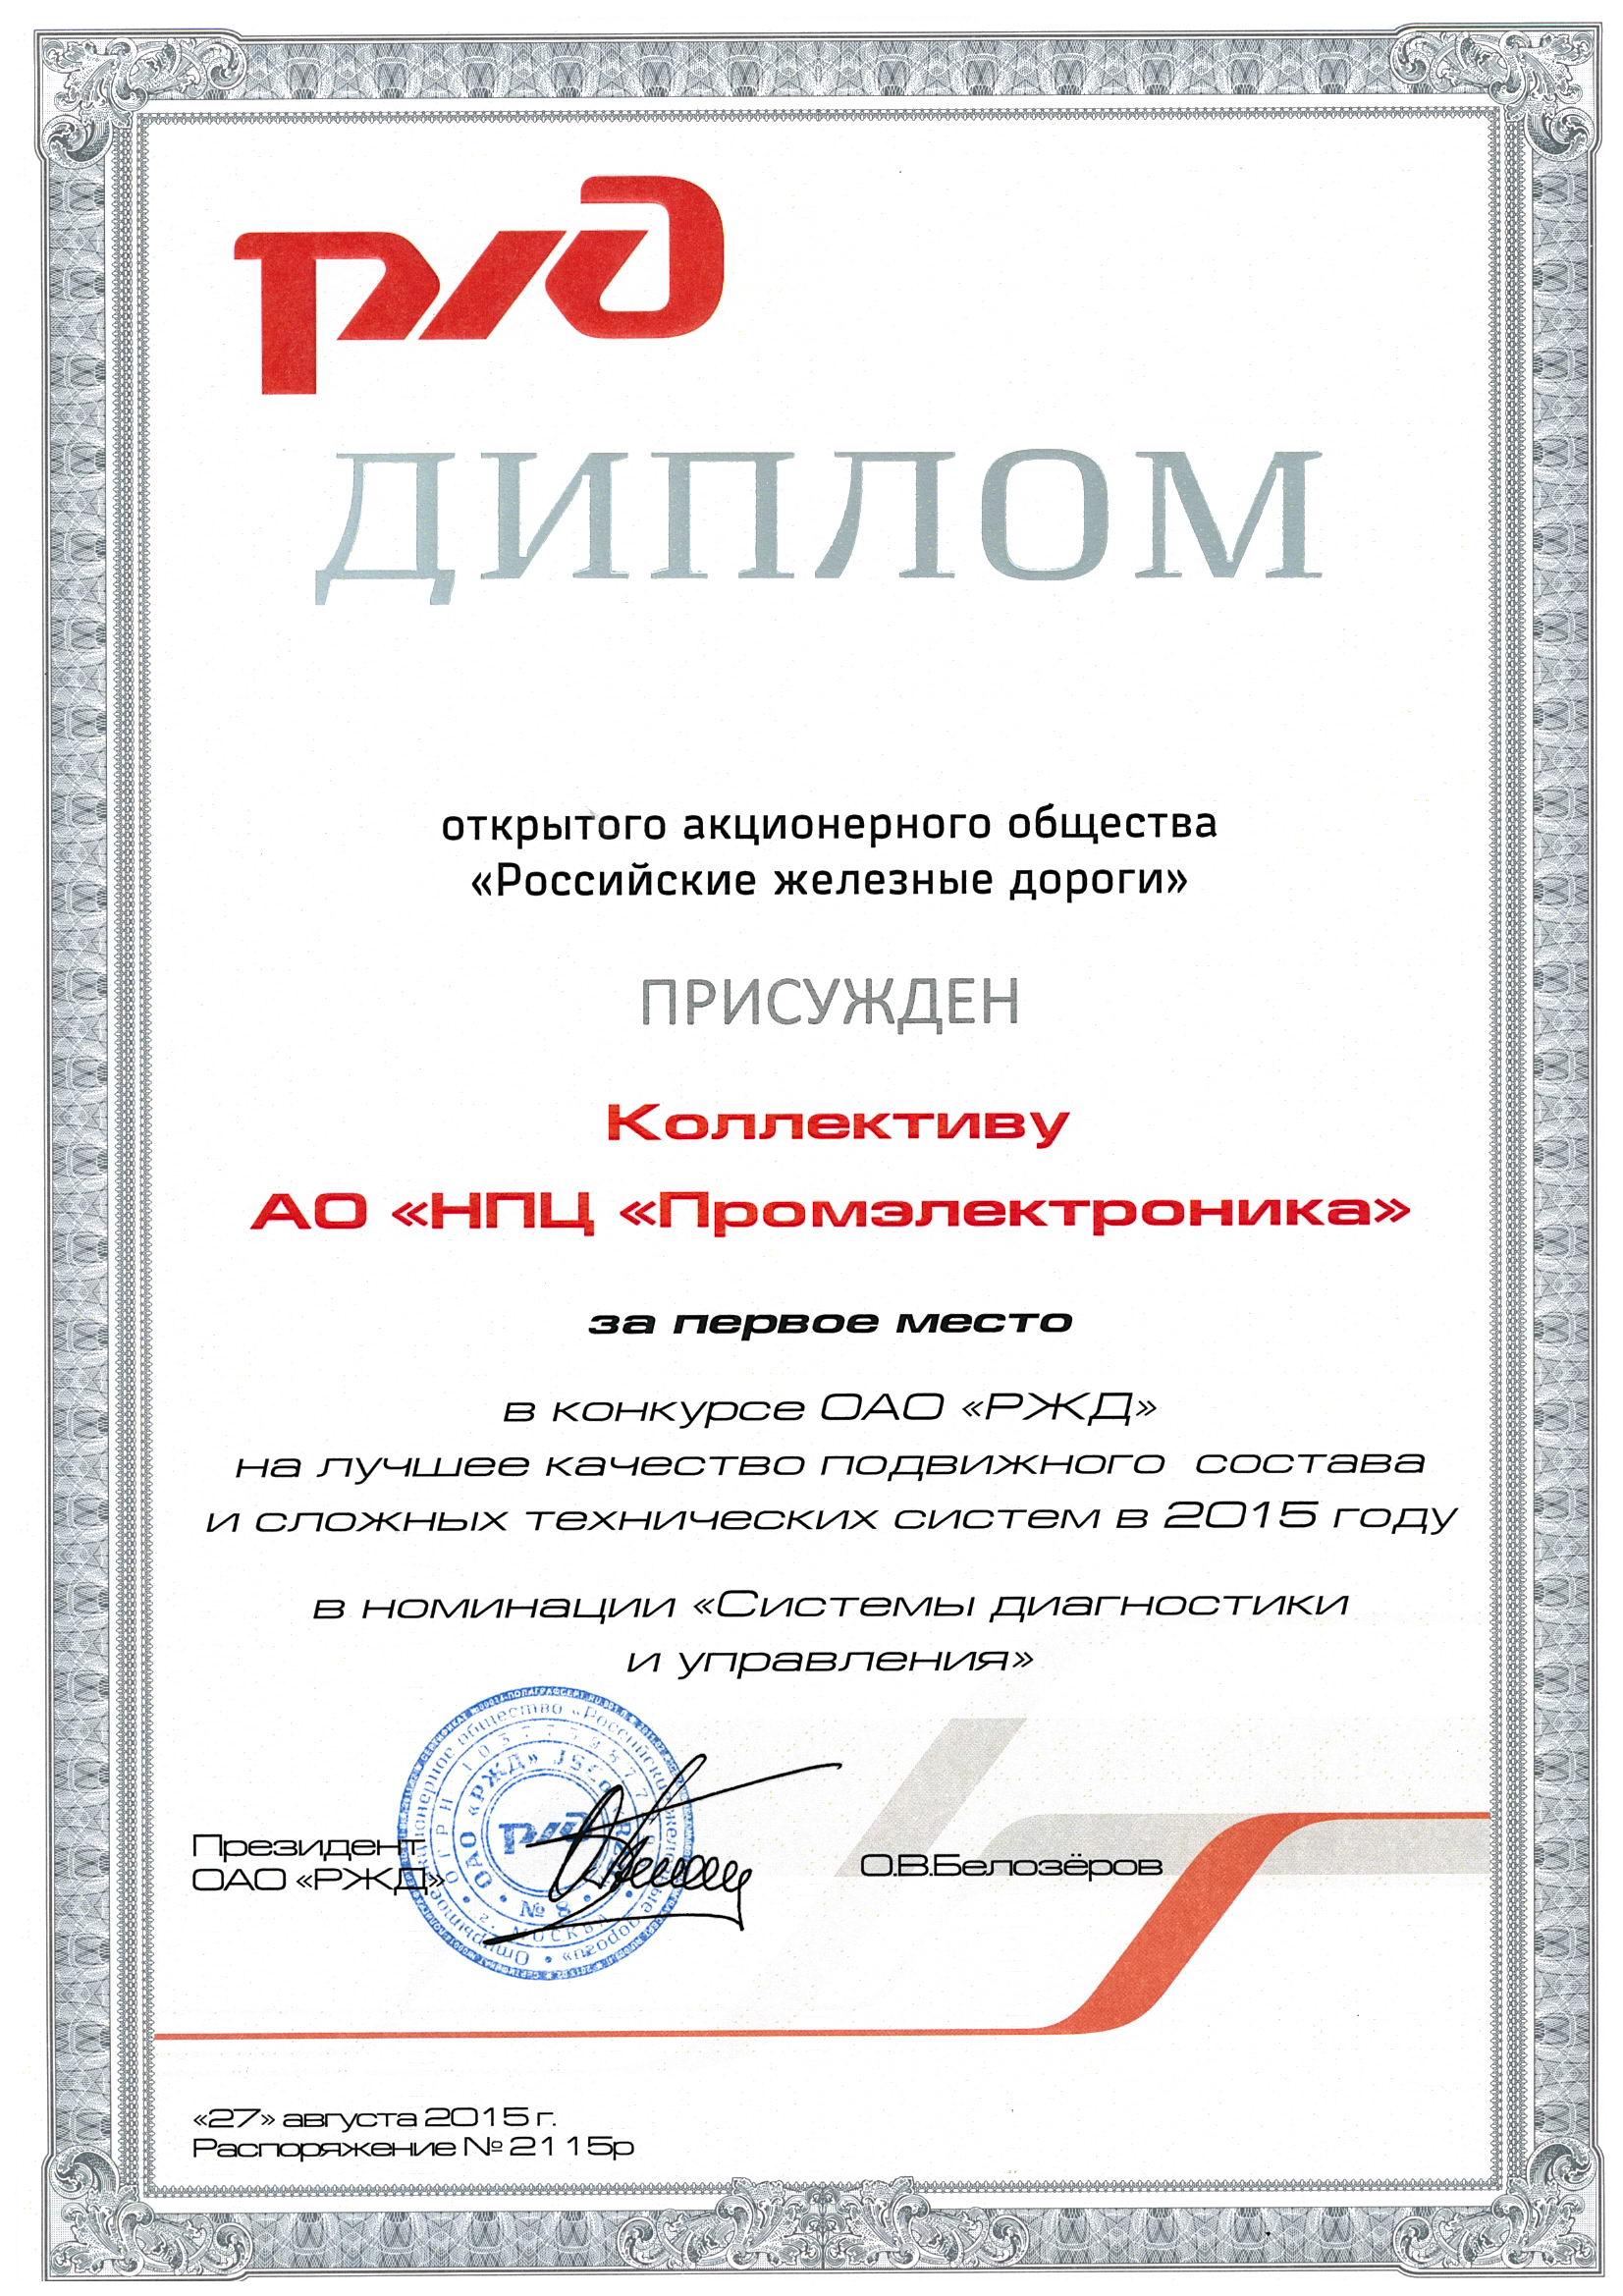 Лицензии и сертификаты Научно производственный центр  Диплом за i место в конкурсе ОАО РЖД за лучшее качество система МАПС